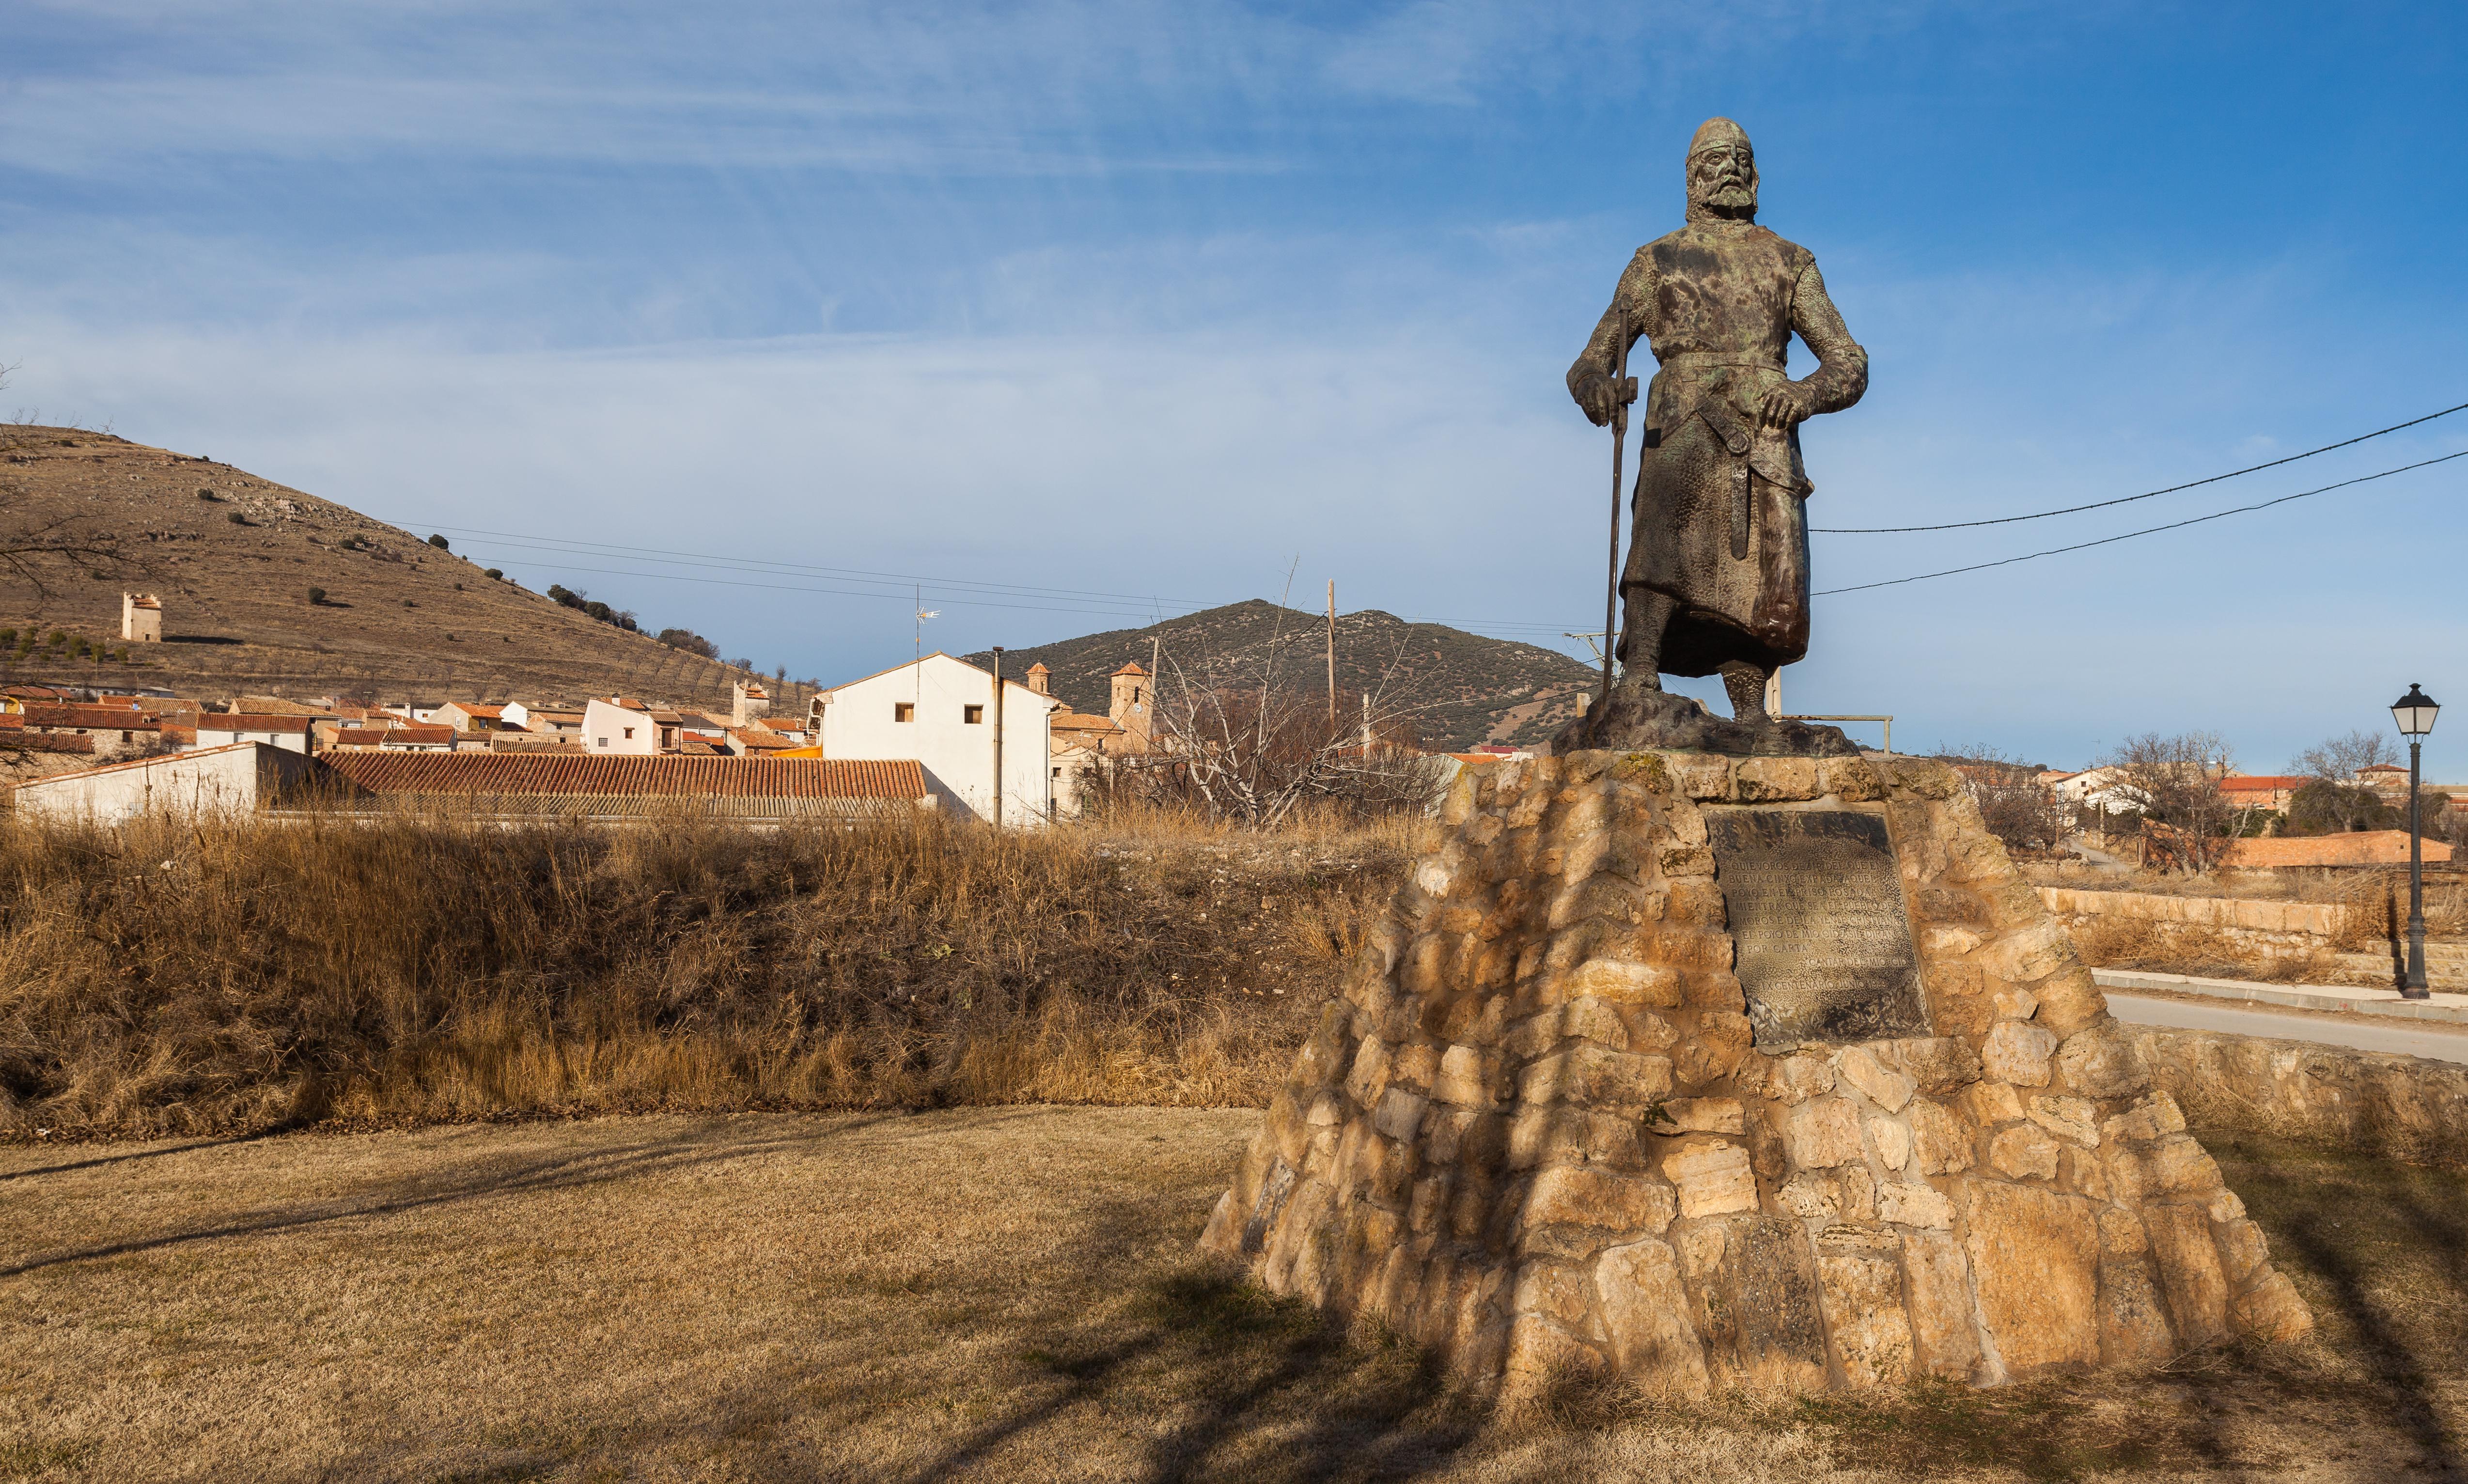 Poyo Spain  City new picture : Description El Poyo del Cid, Teruel, España, 2014 01 08, DD 11